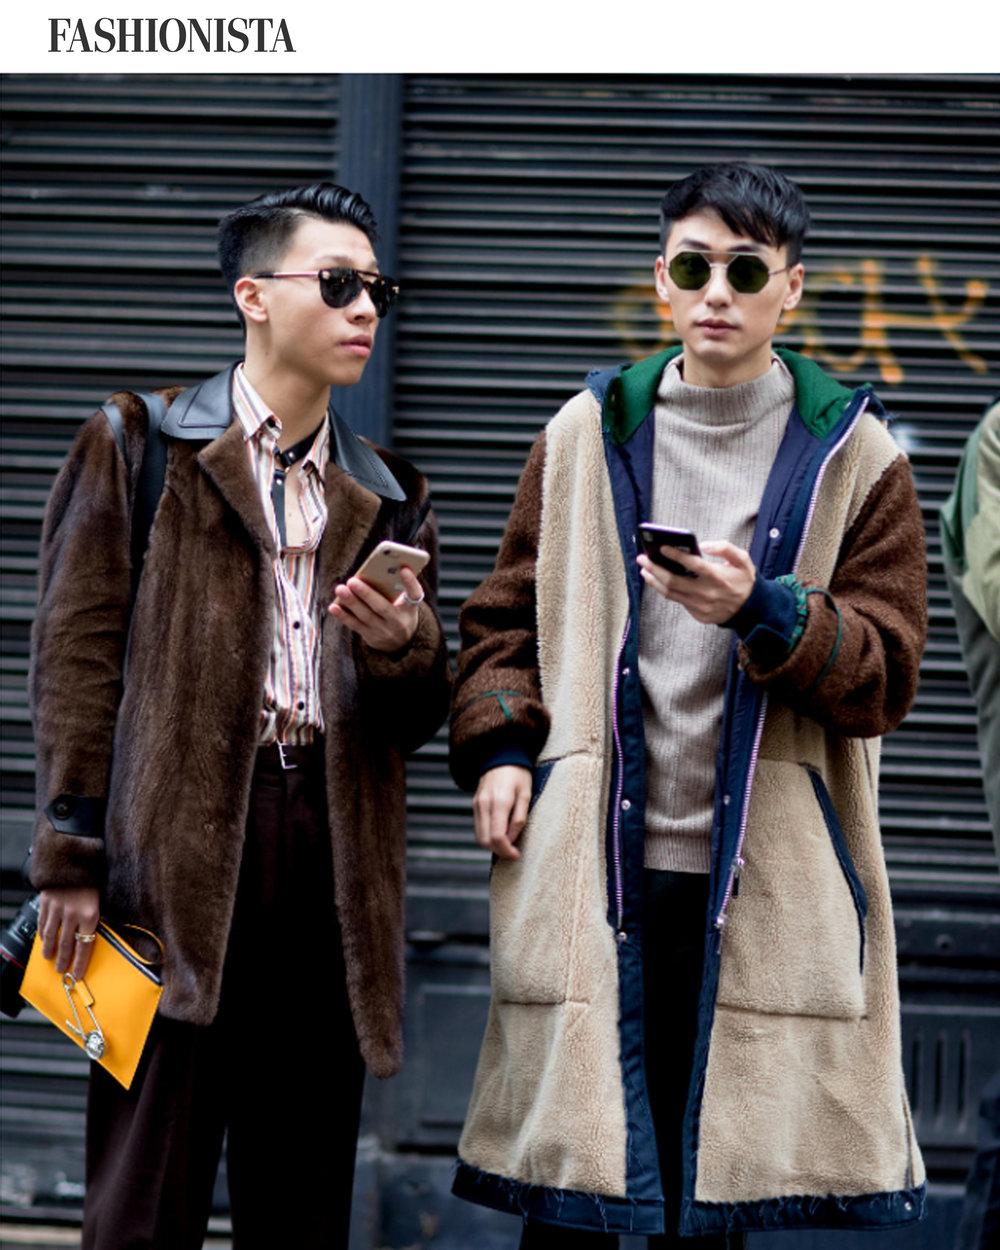 pfw fashionista.jpg